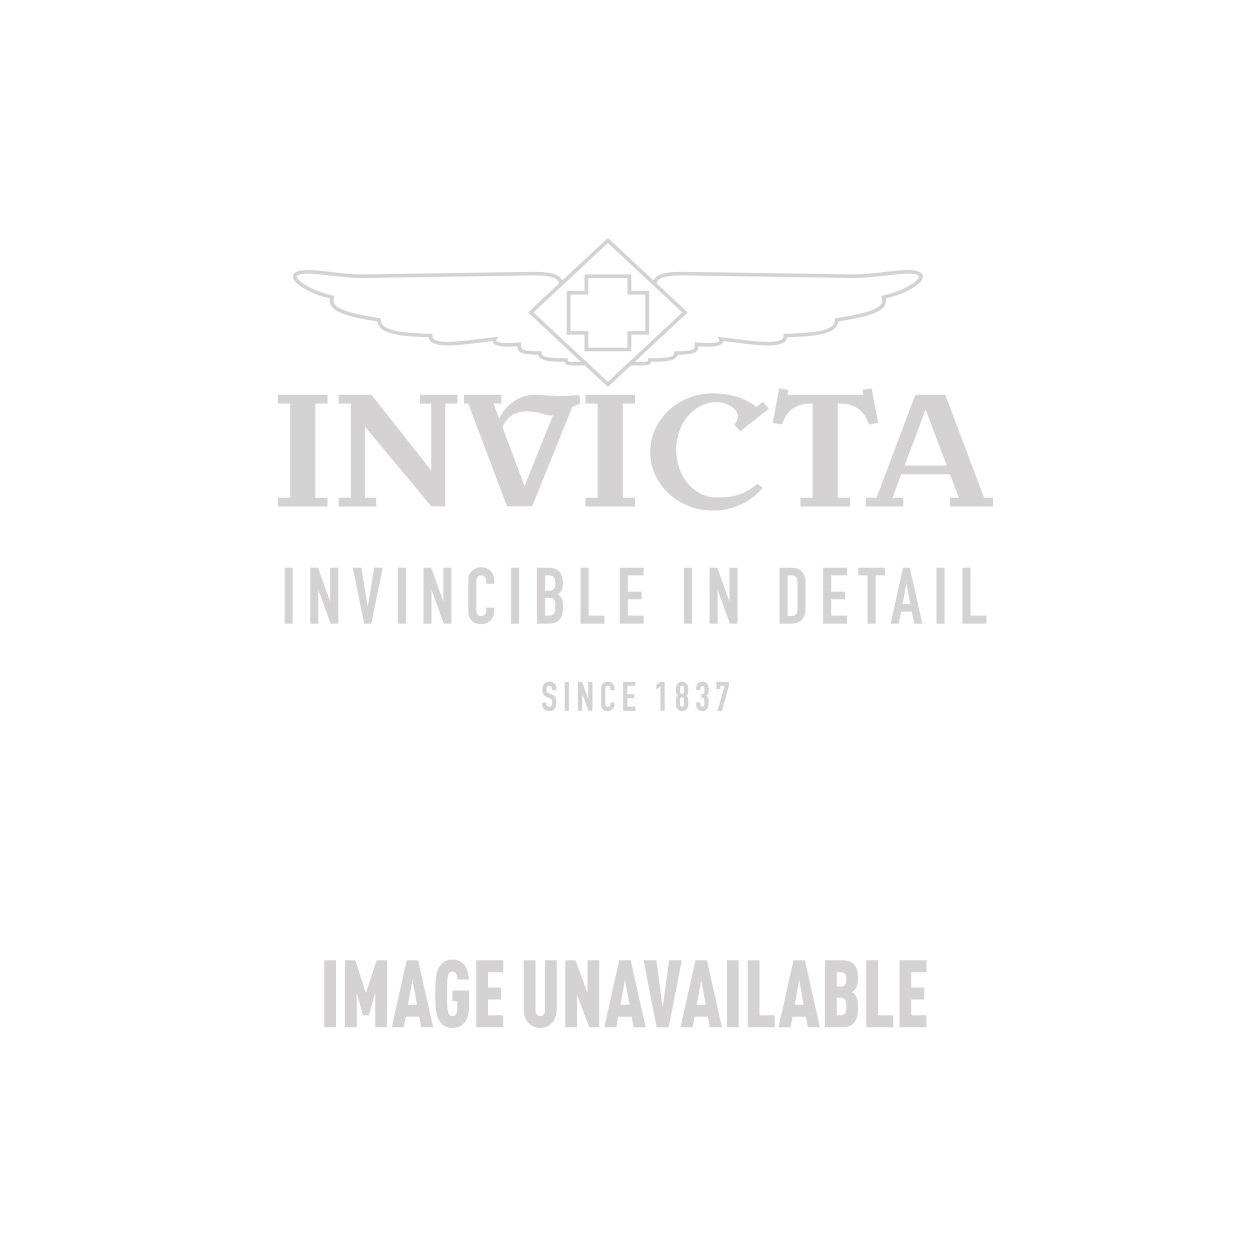 Invicta Model 27954